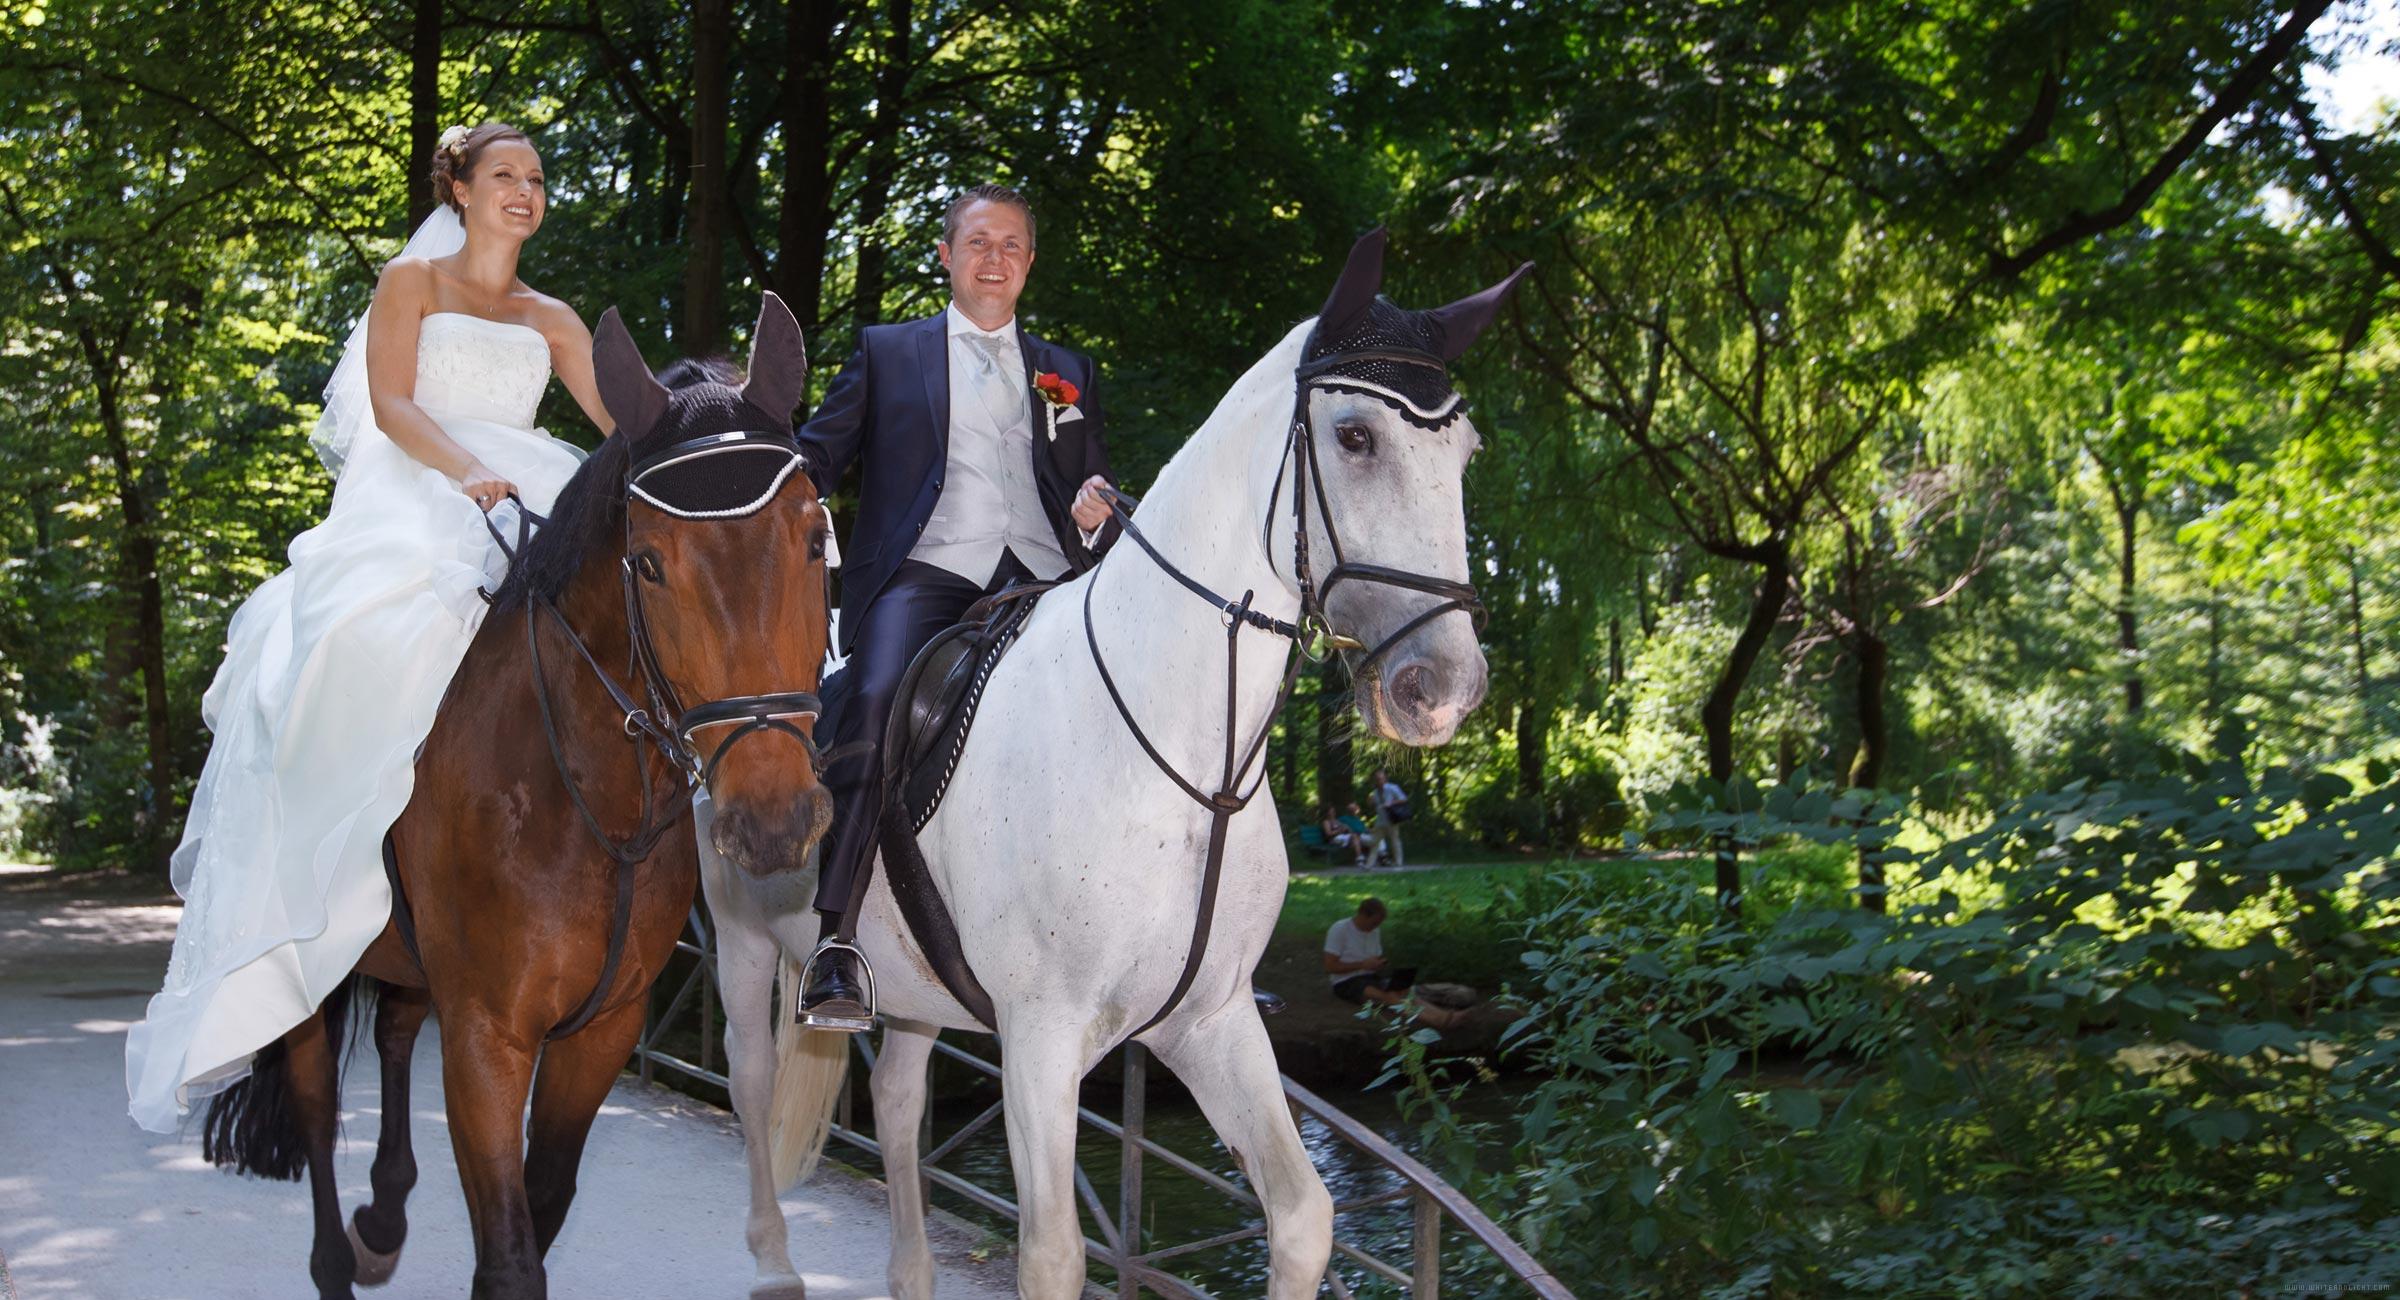 Wedding in Munich